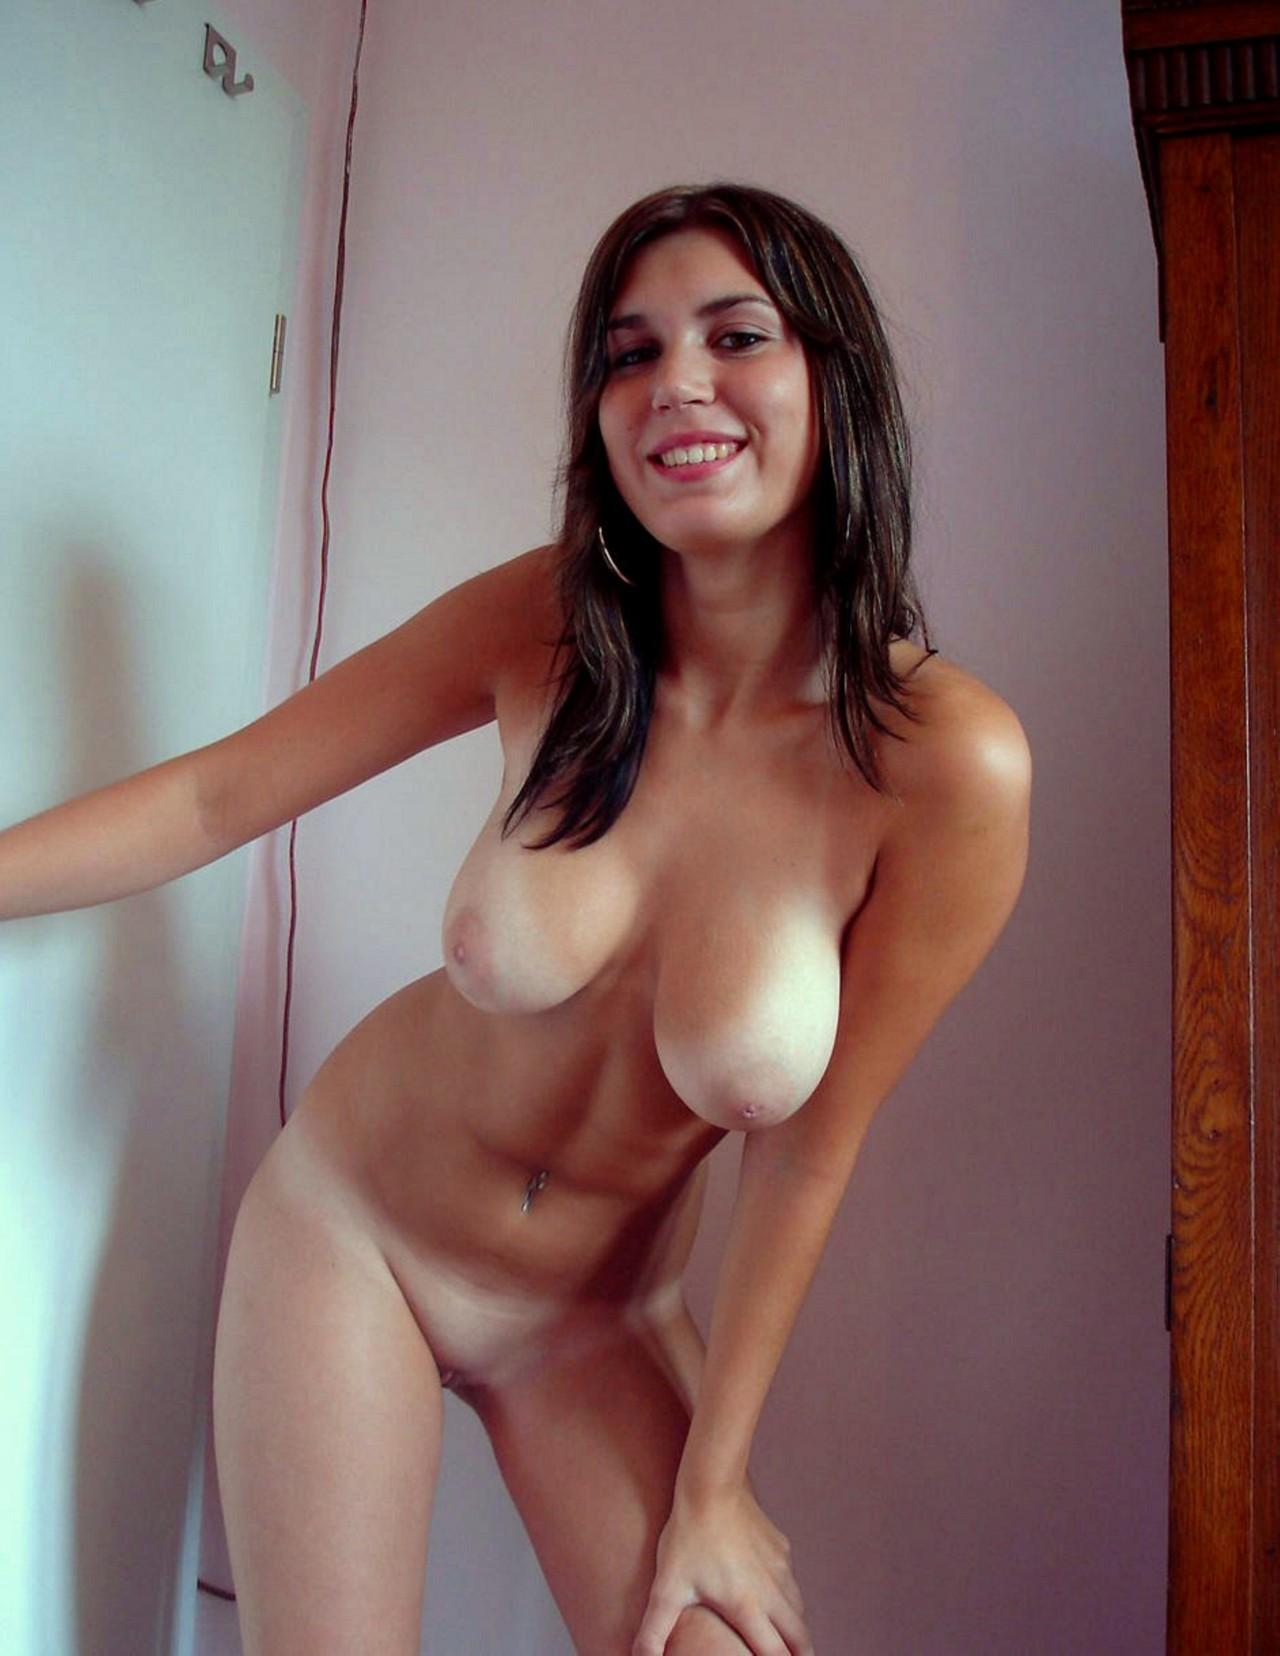 Natural Big Titts Porn sex images skinny girl with big natural tits porn pics